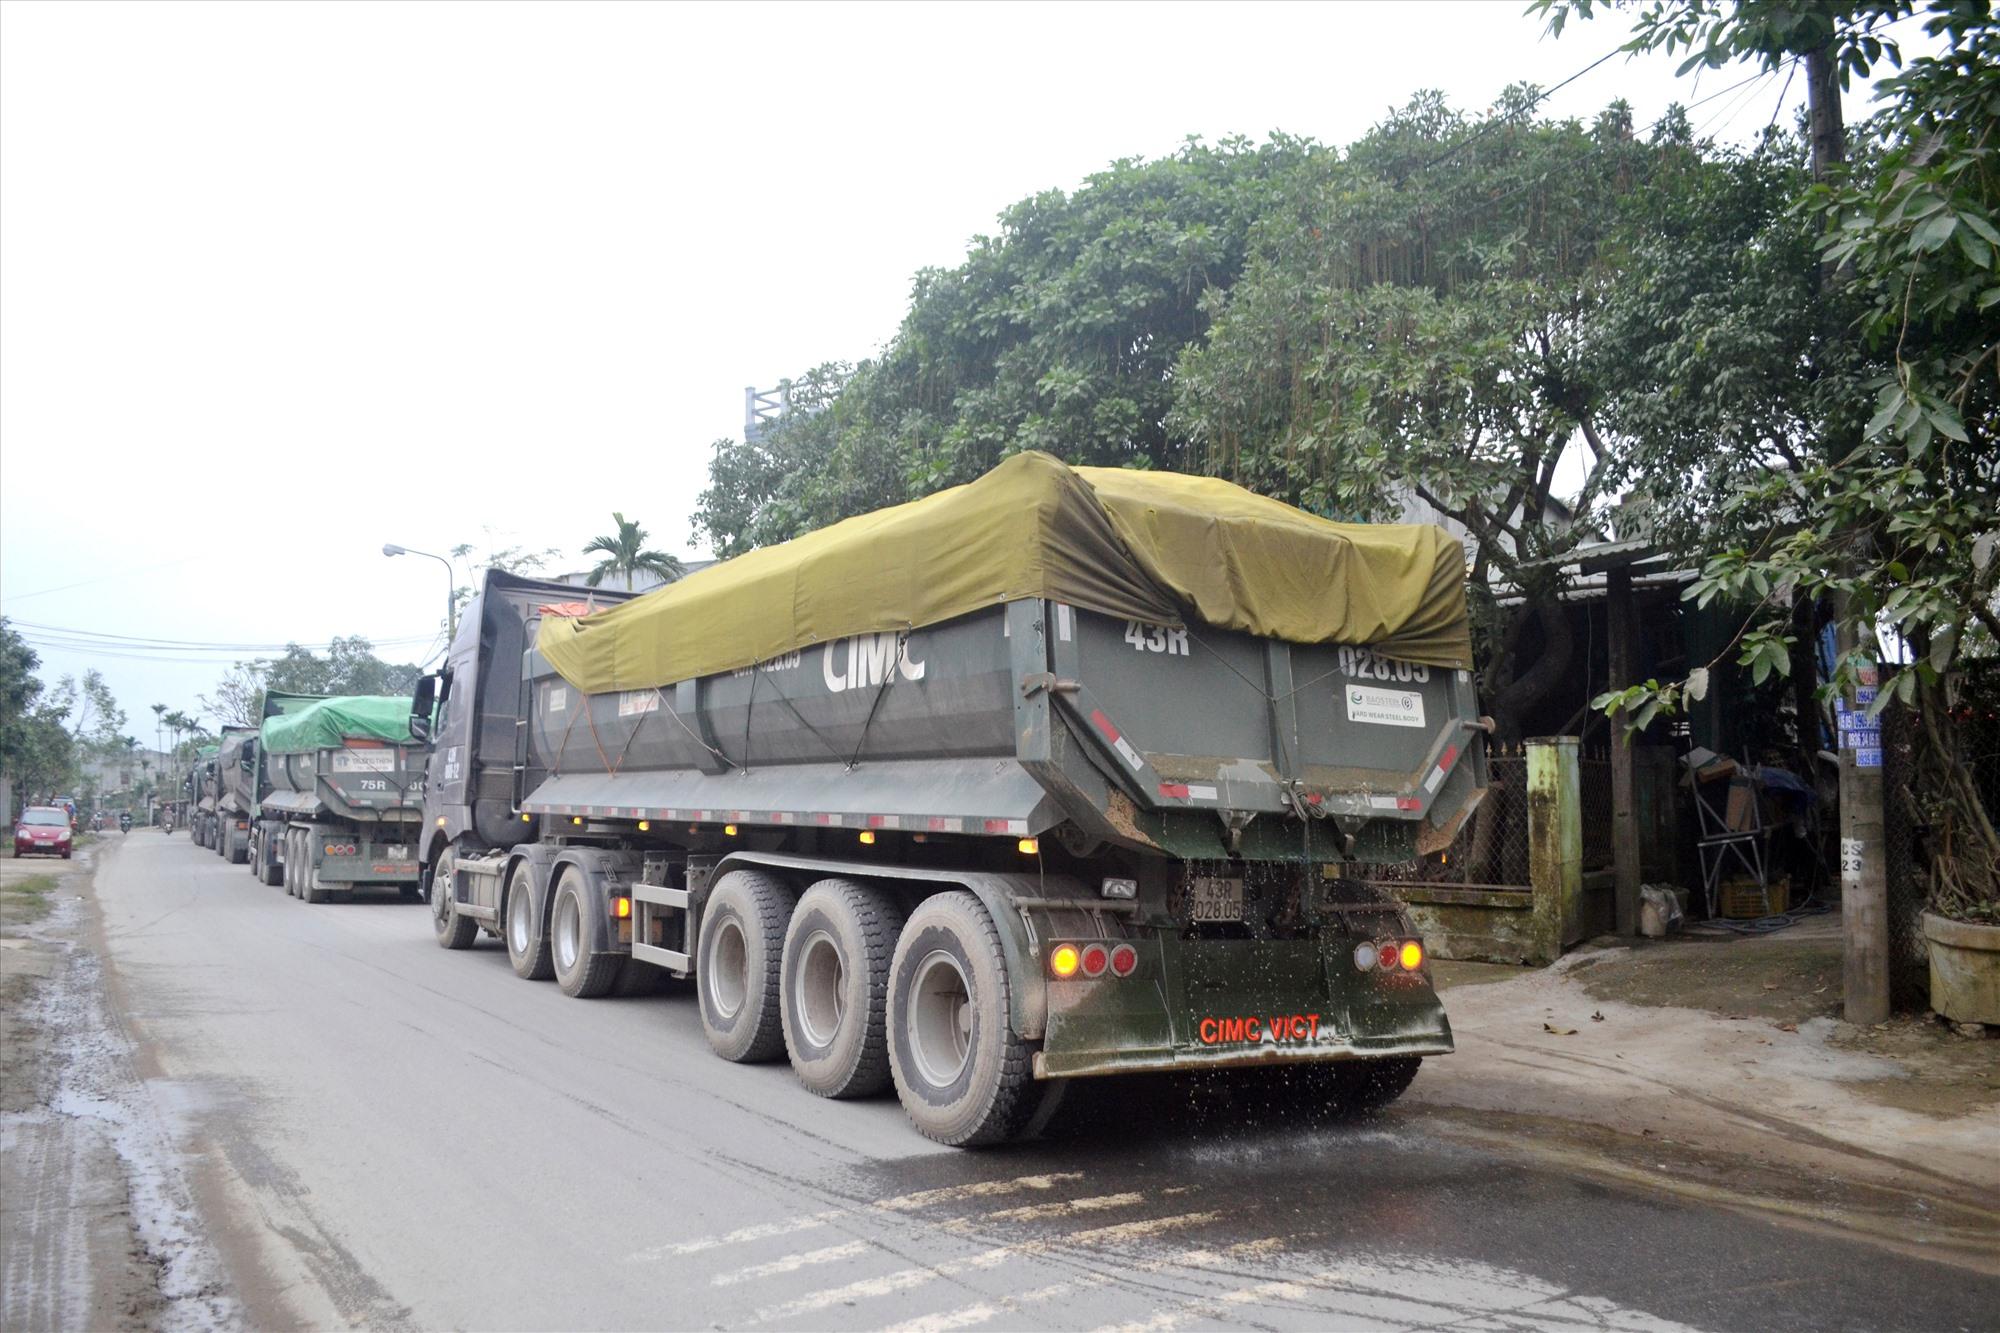 Xe tải chở cát vi phạm tải trọng chạy trên tuyến ĐT609, đường Huỳnh Ngọc Huệ qua Đại Lộc như thế này cần được kiểm soát chặt ngay tại bến, bãi. Ảnh: N.B